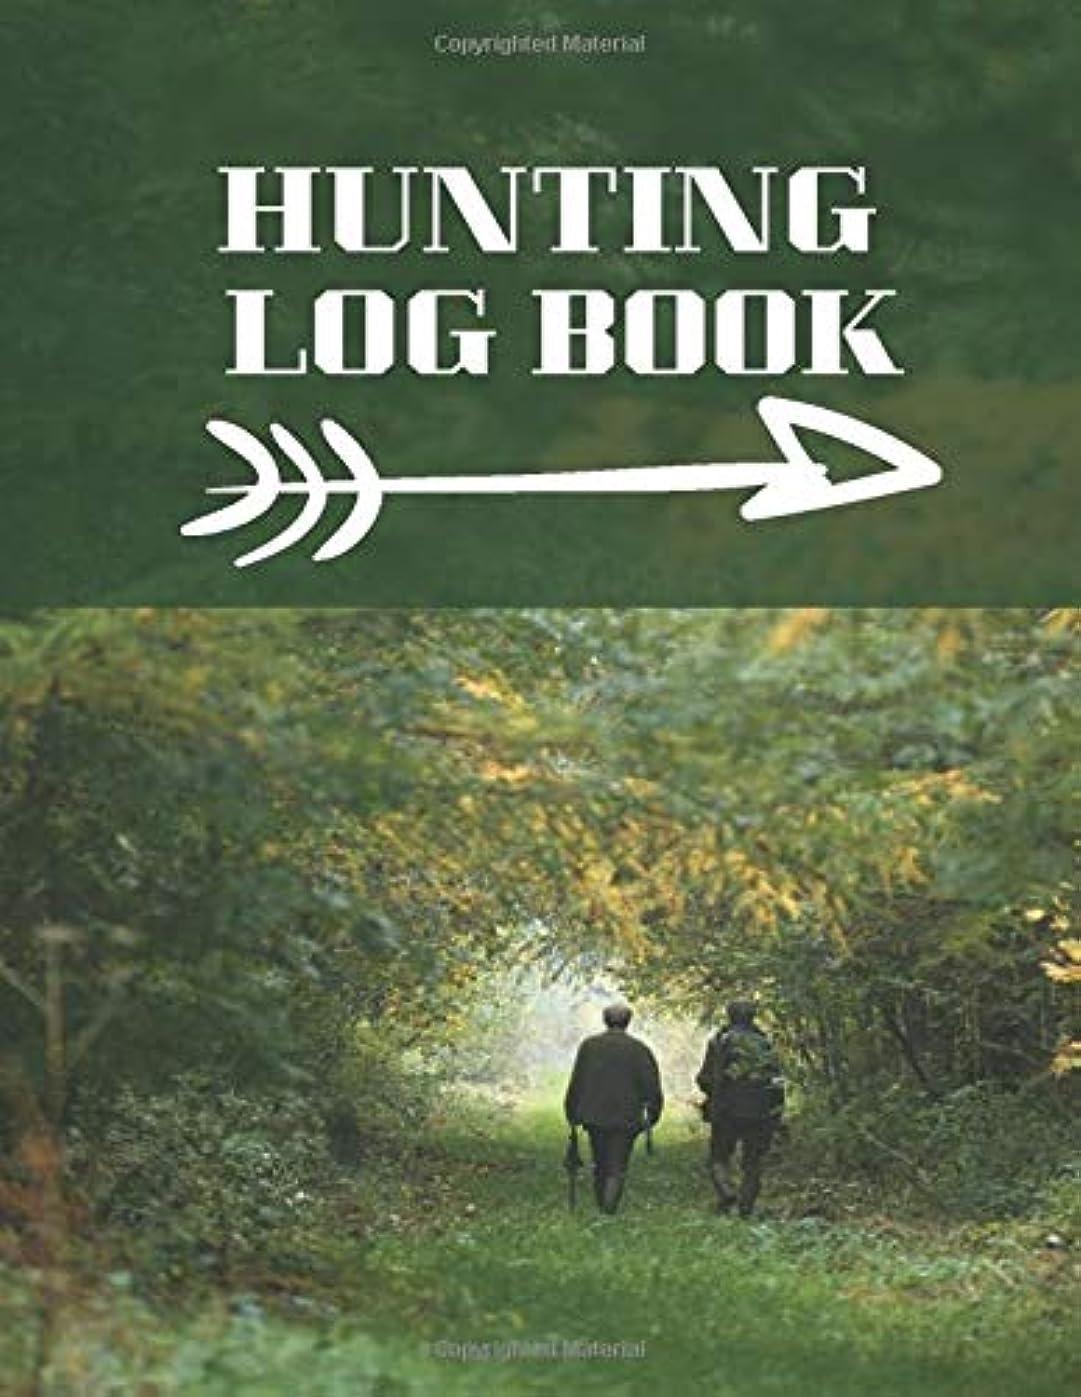 """残酷引退する暗記するHunting Log Book: Essential Journal Notebook, Hunts Record Keeper Logbook for Recording all Hunting activities & events Deer, Wild, Boar, Turkeys, Pheasant, Rabbits, Duck, Fox, Badger, Gift for Hunters, Dad, Brother, Grandpa, Uncles 8.5"""" x 11"""" 120 pages (Hunting Record Log)"""